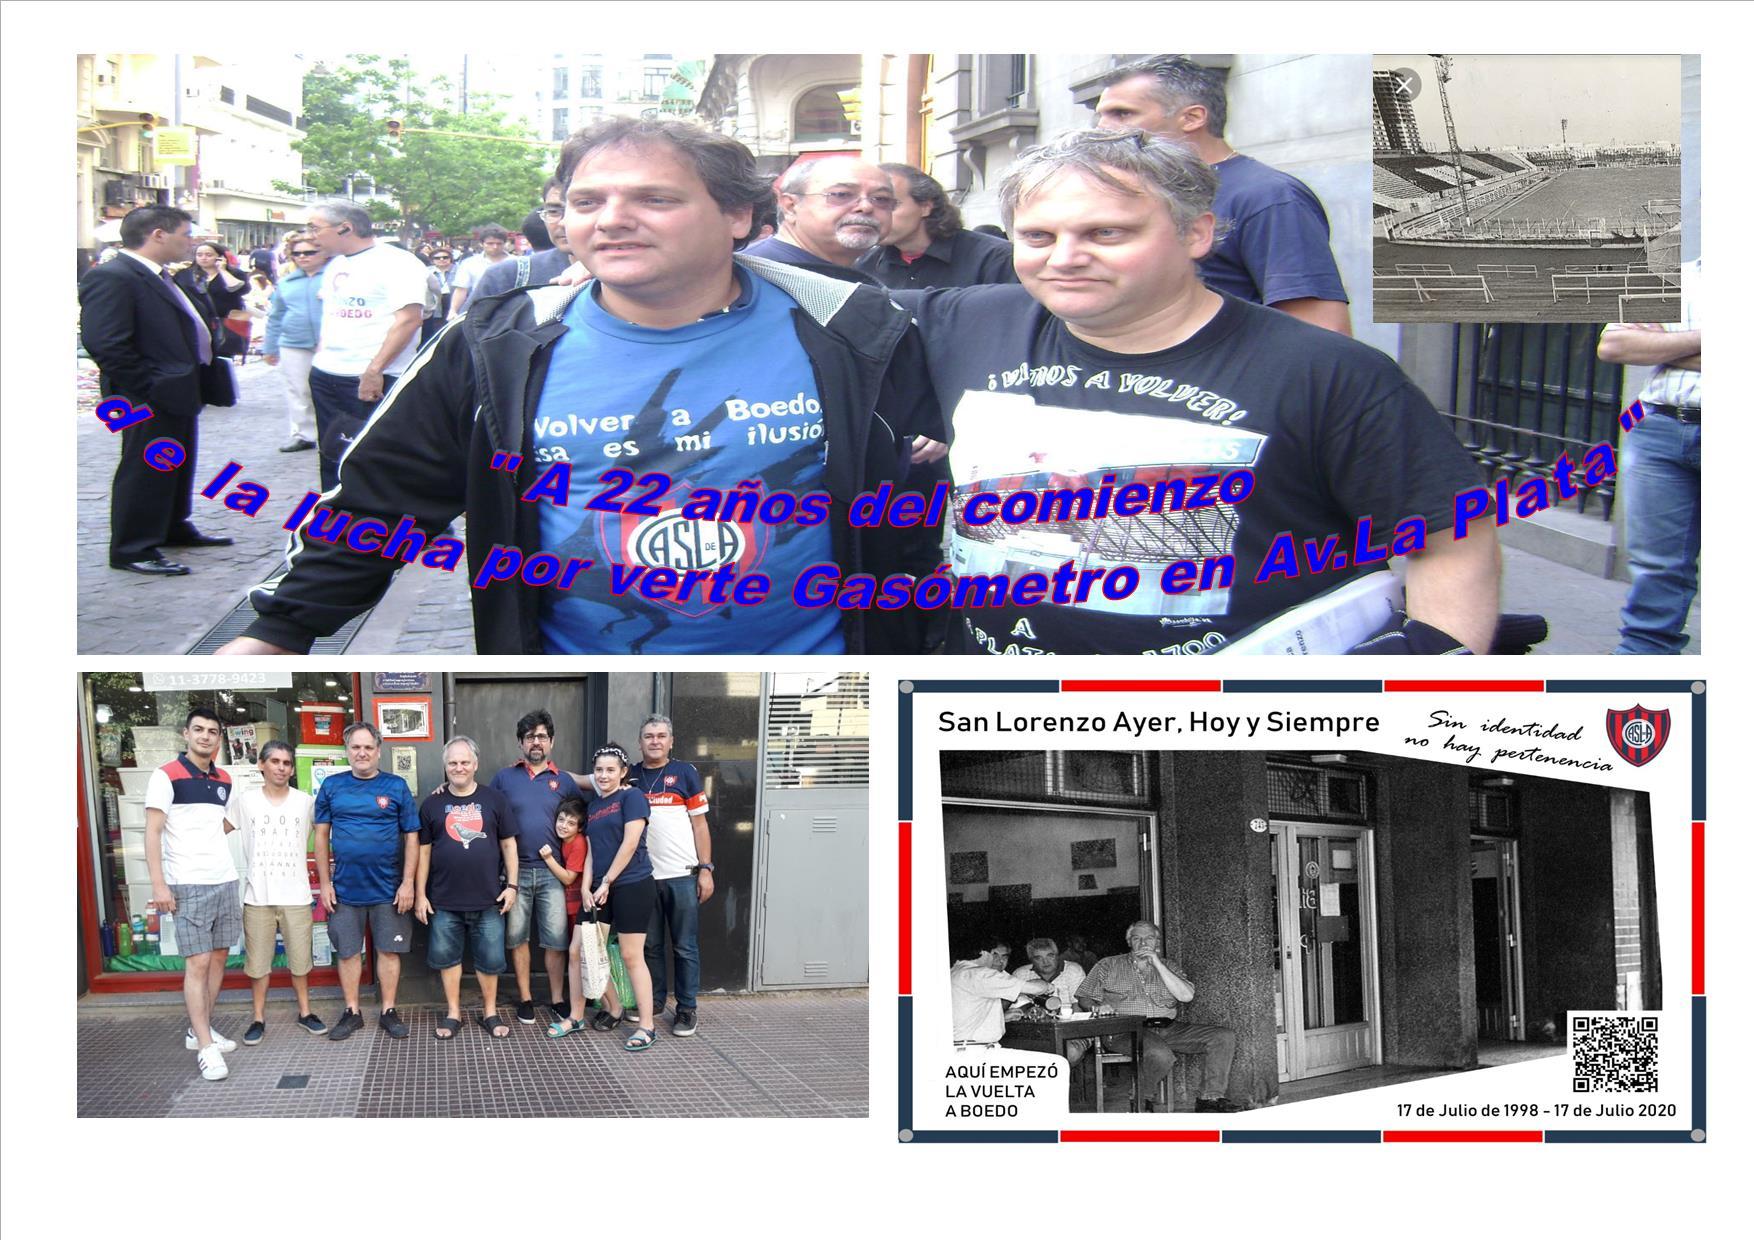 «A 22 años del comienzo de la lucha por Volver a verte Gasómetro en Av. La Plata «